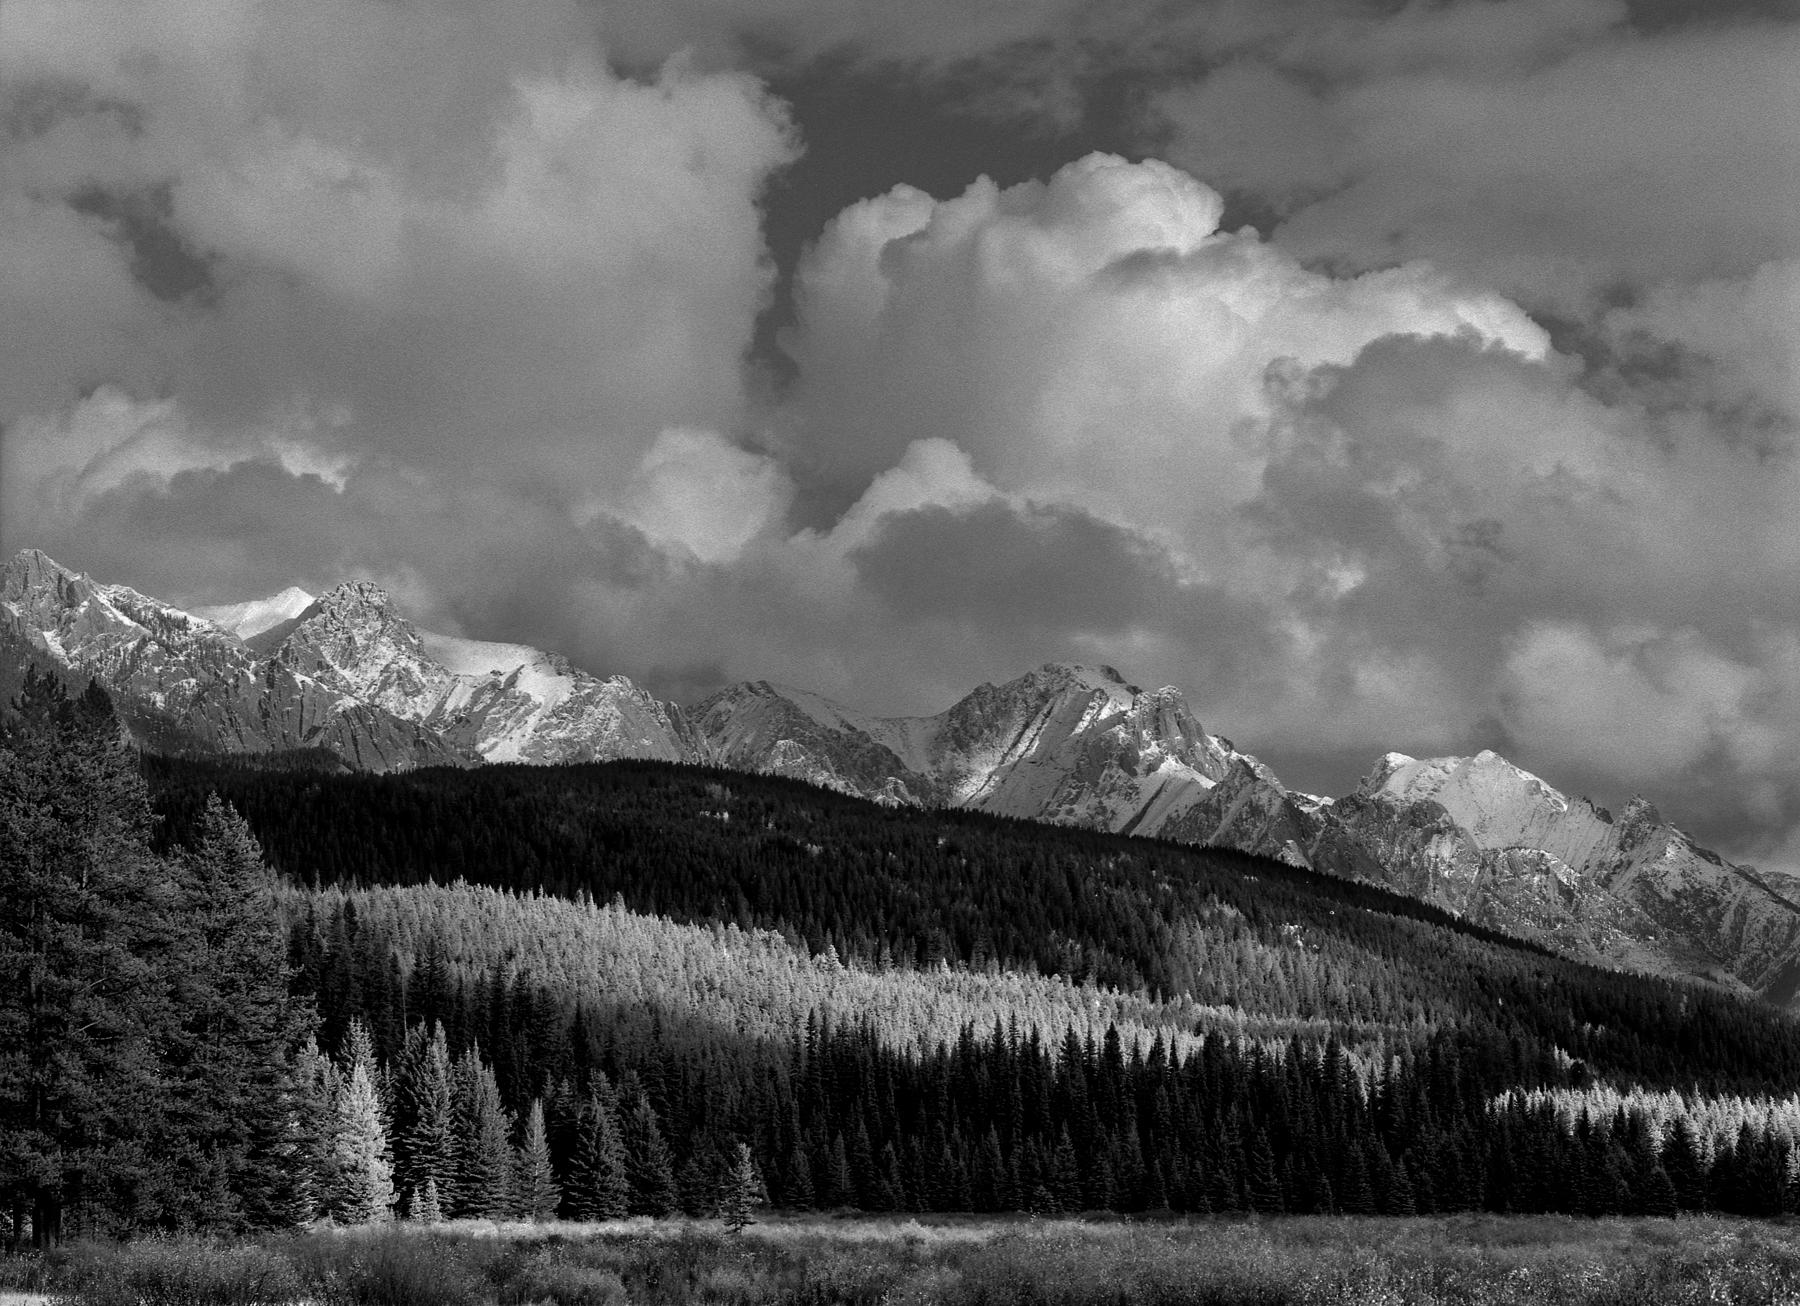 Sawback range, Banff